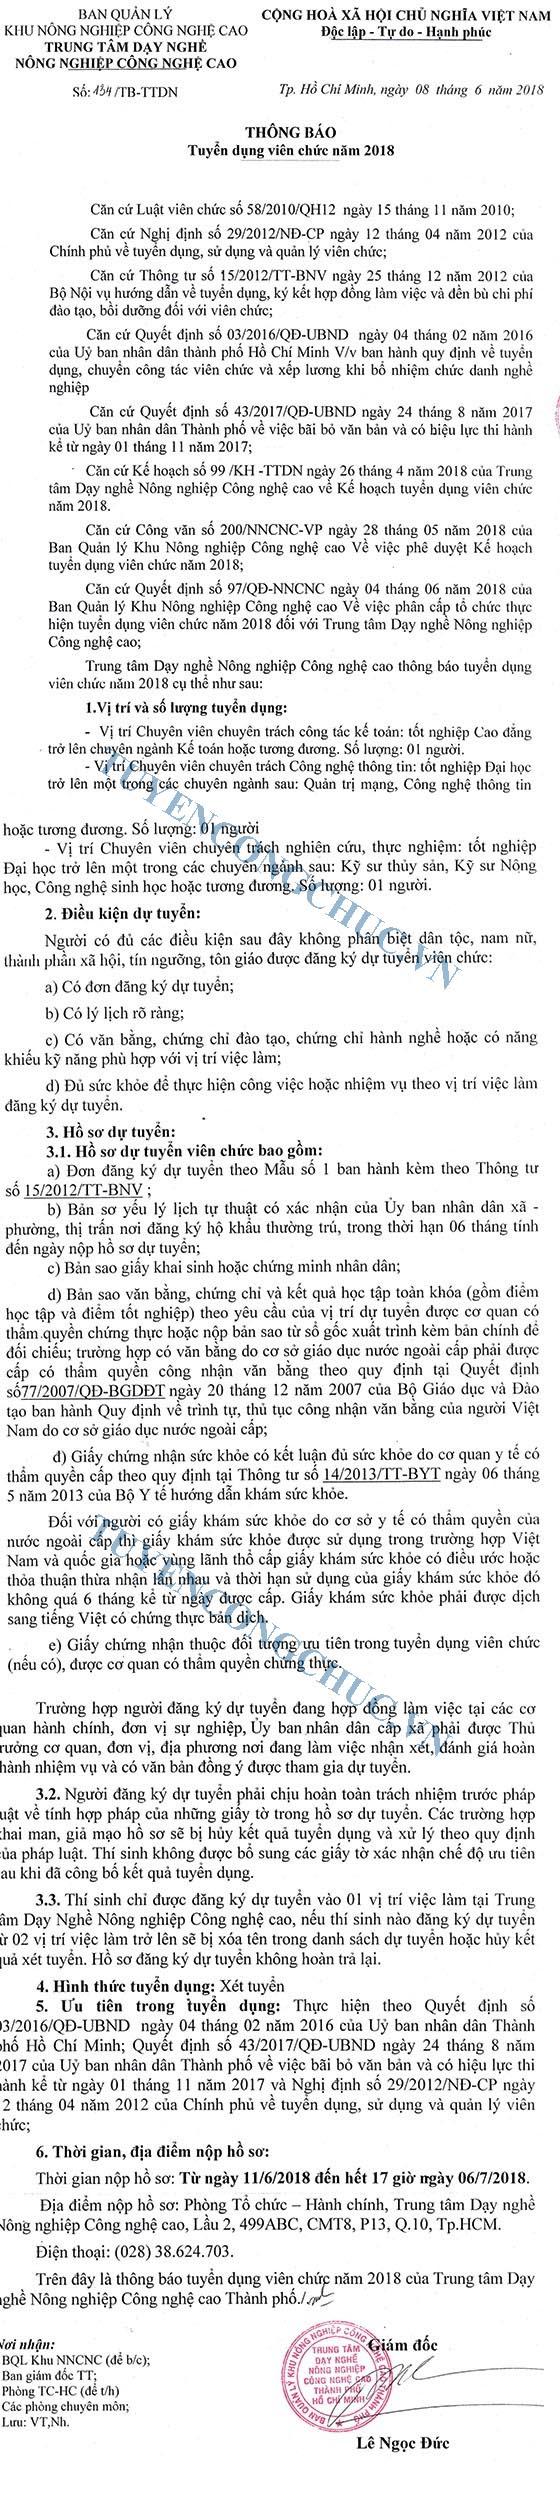 thong-bao-tuyen-dung-vien-chuc-nam-2018_20180608_0001-1 (1)